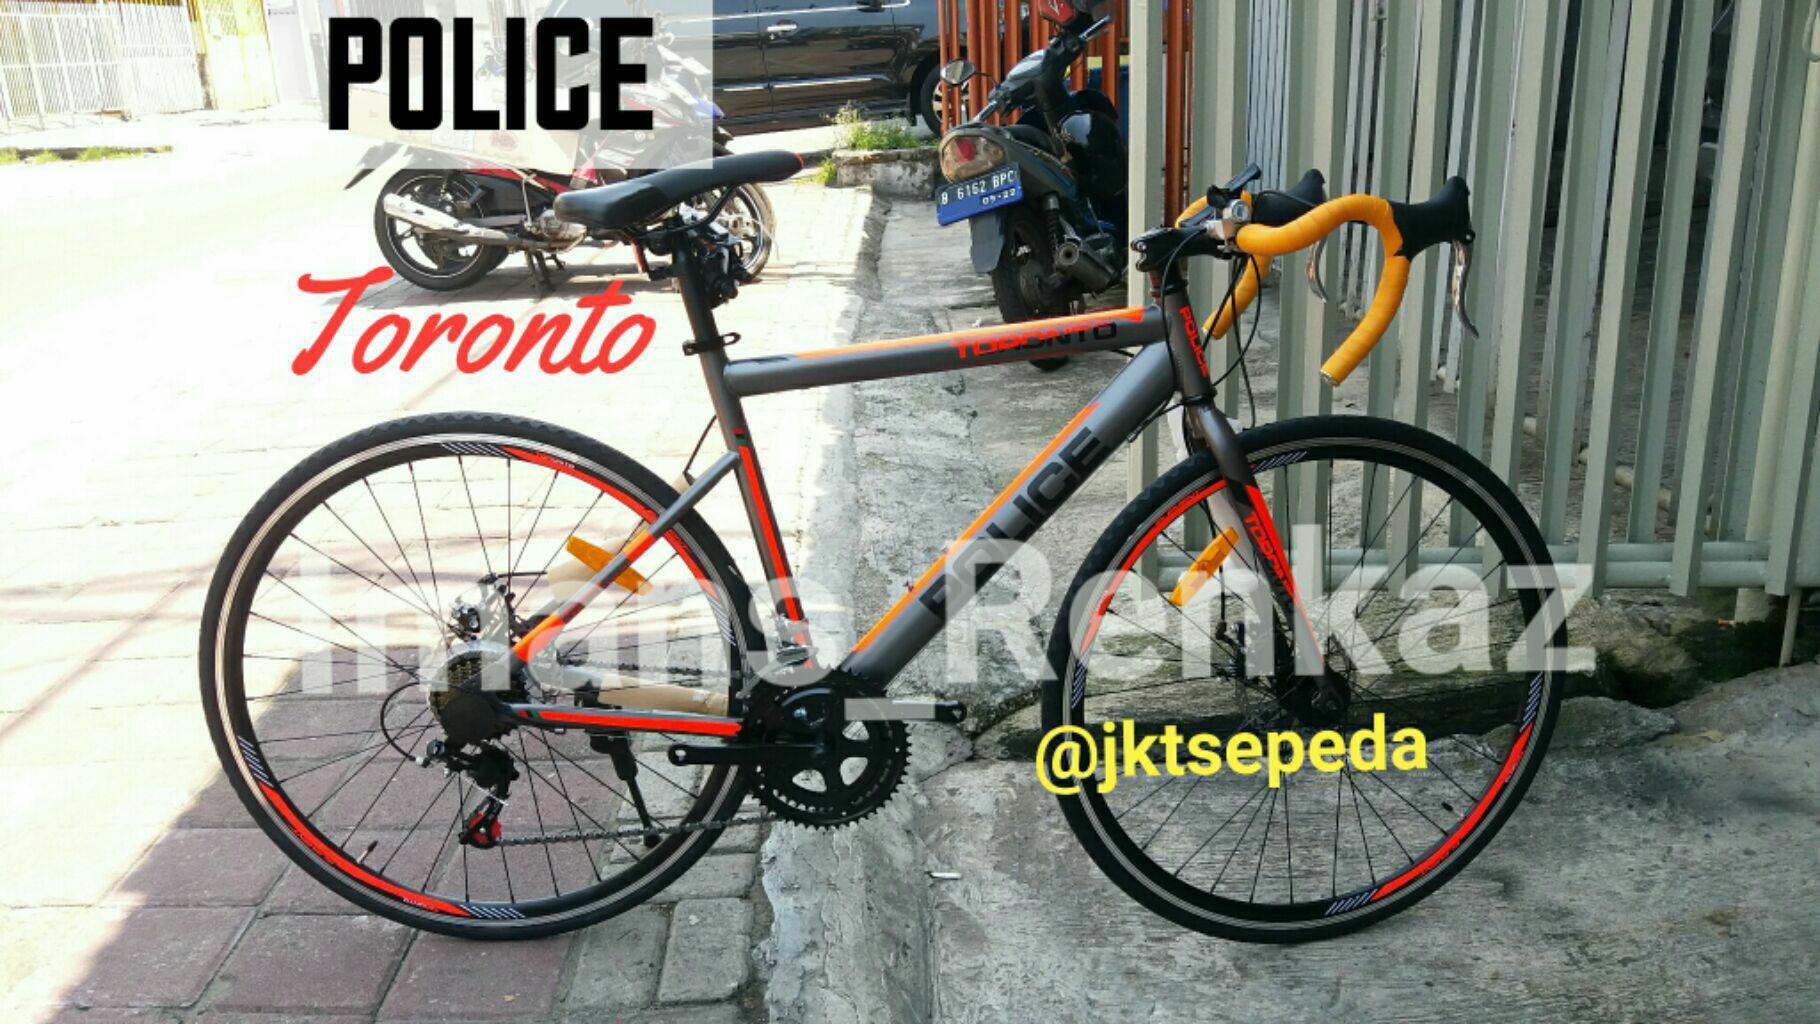 Roadbike POLICE TORONTO EKONOMIS